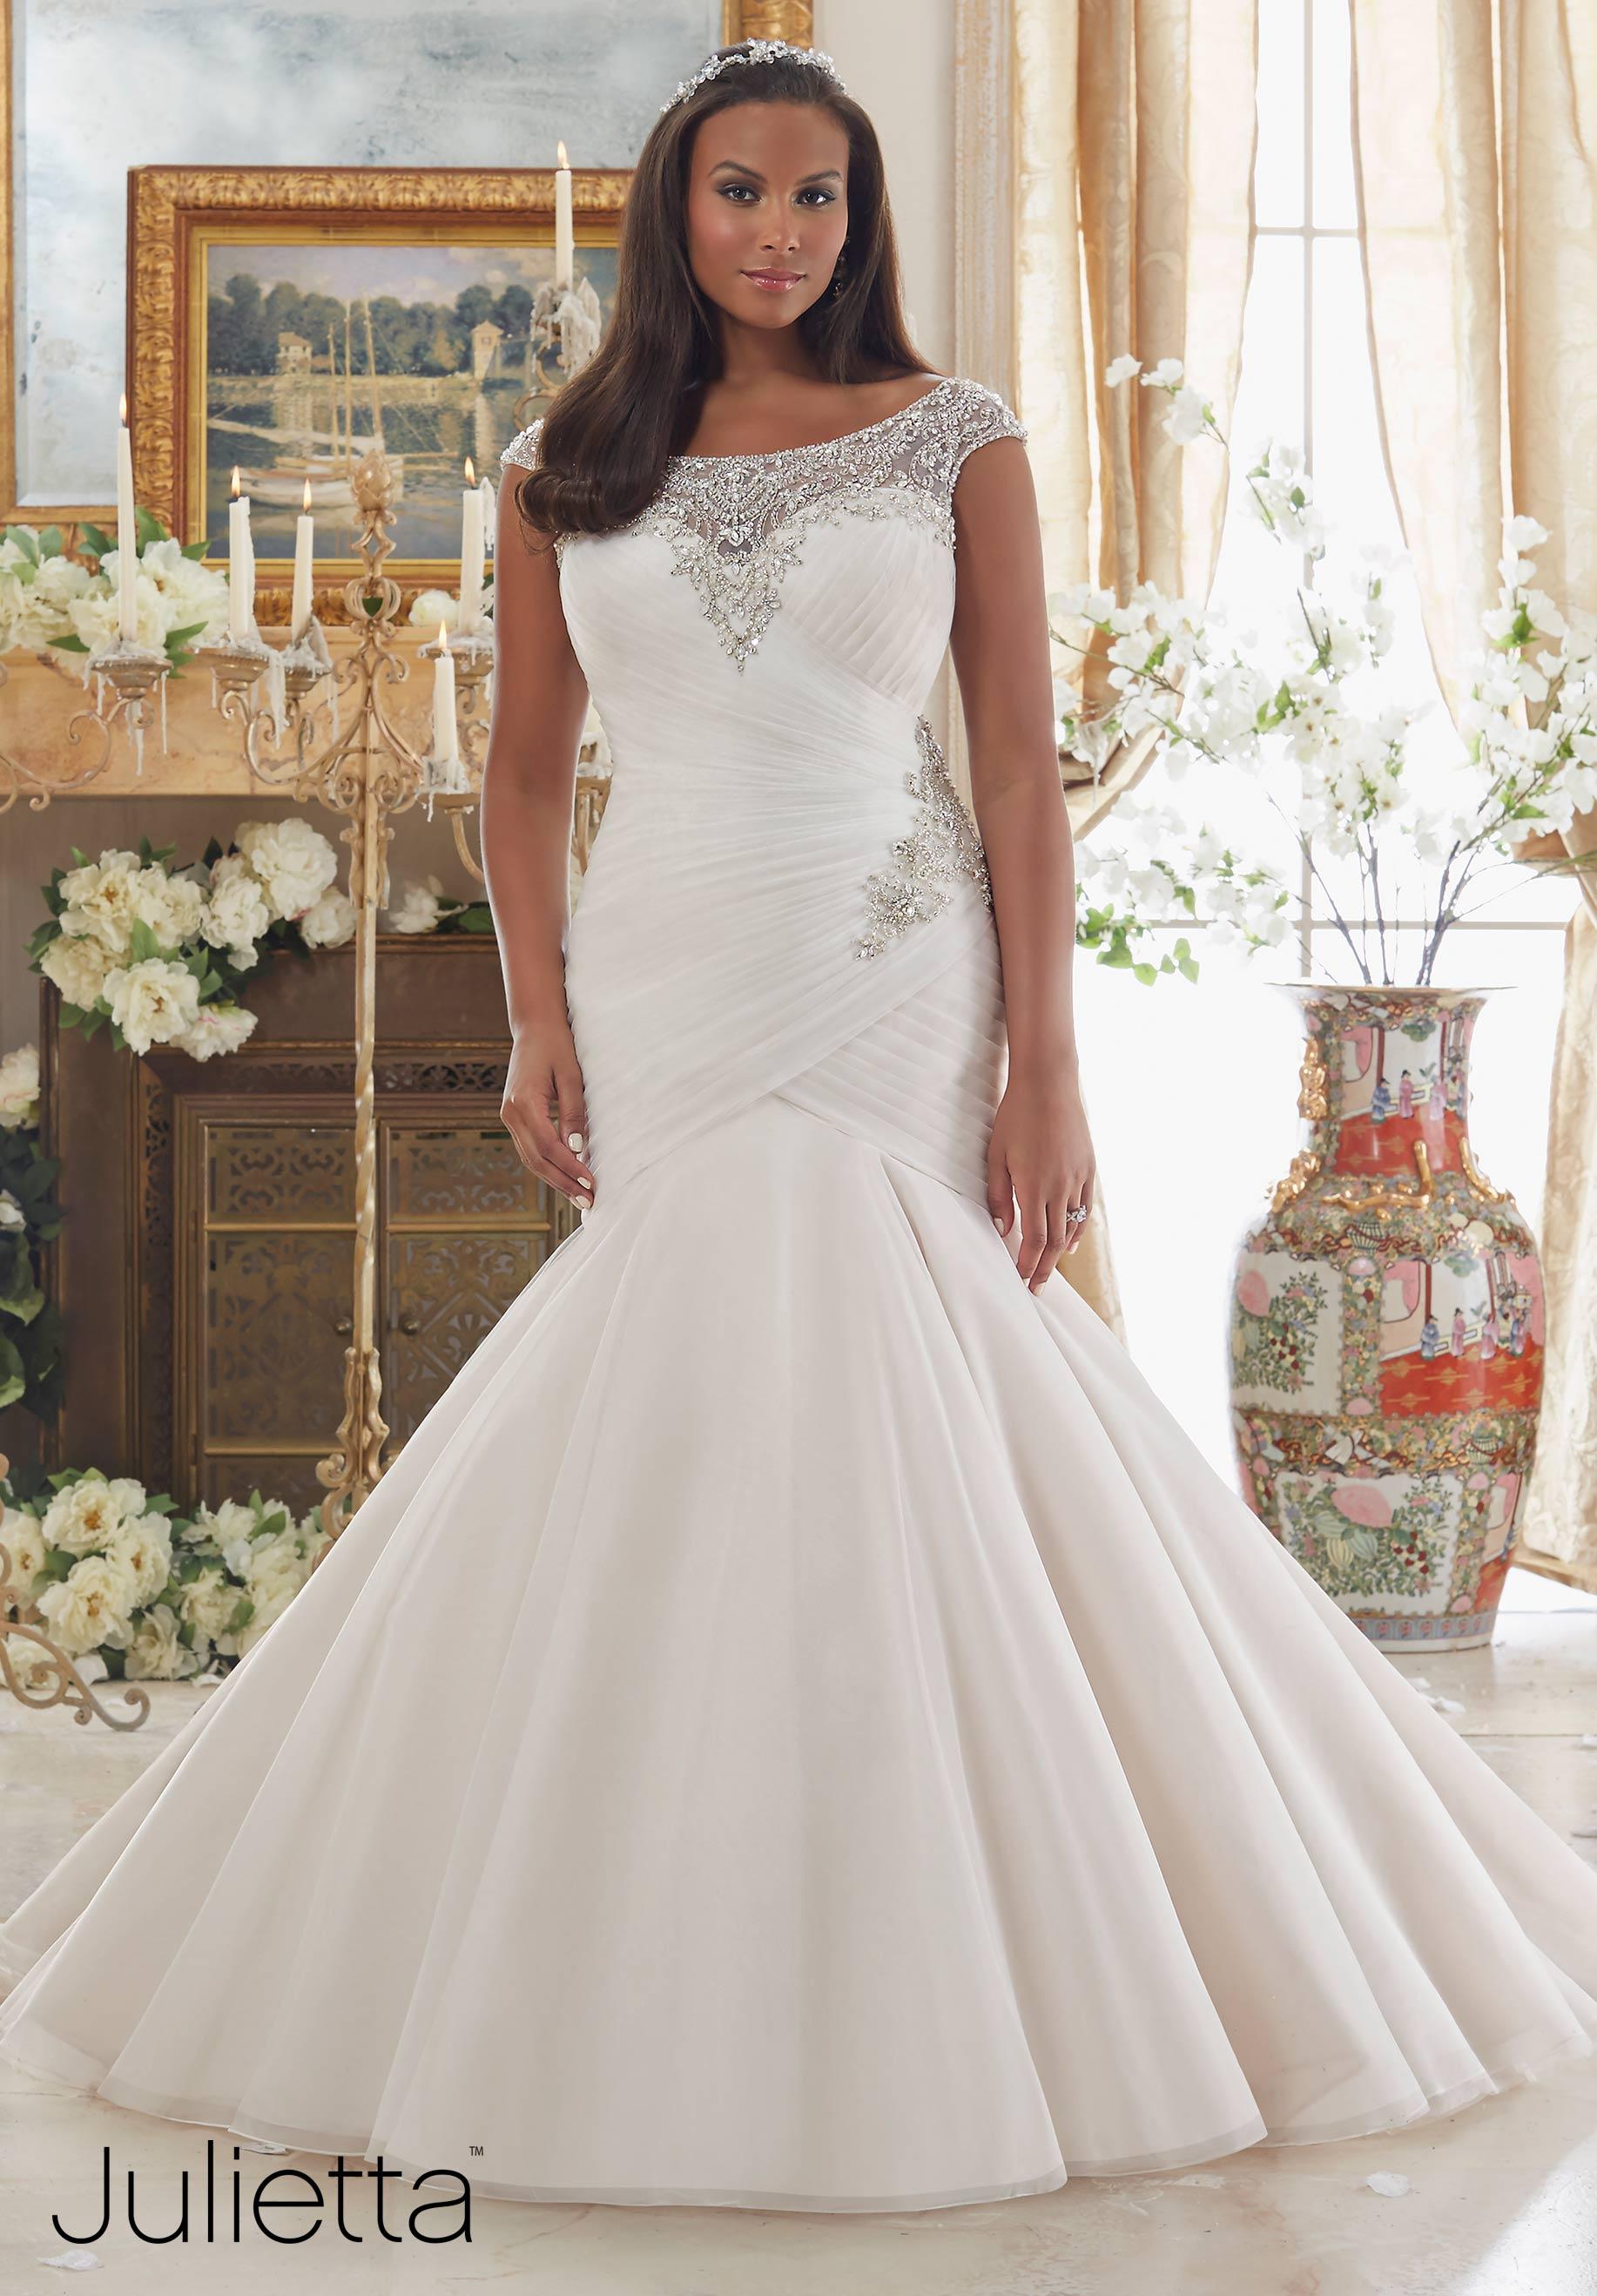 plus size wedding gowns mori lee julietta collection plus size wedding gowns Plus Size Wedding Gowns Mori Lee Julietta Collection Pretty Pear Bride